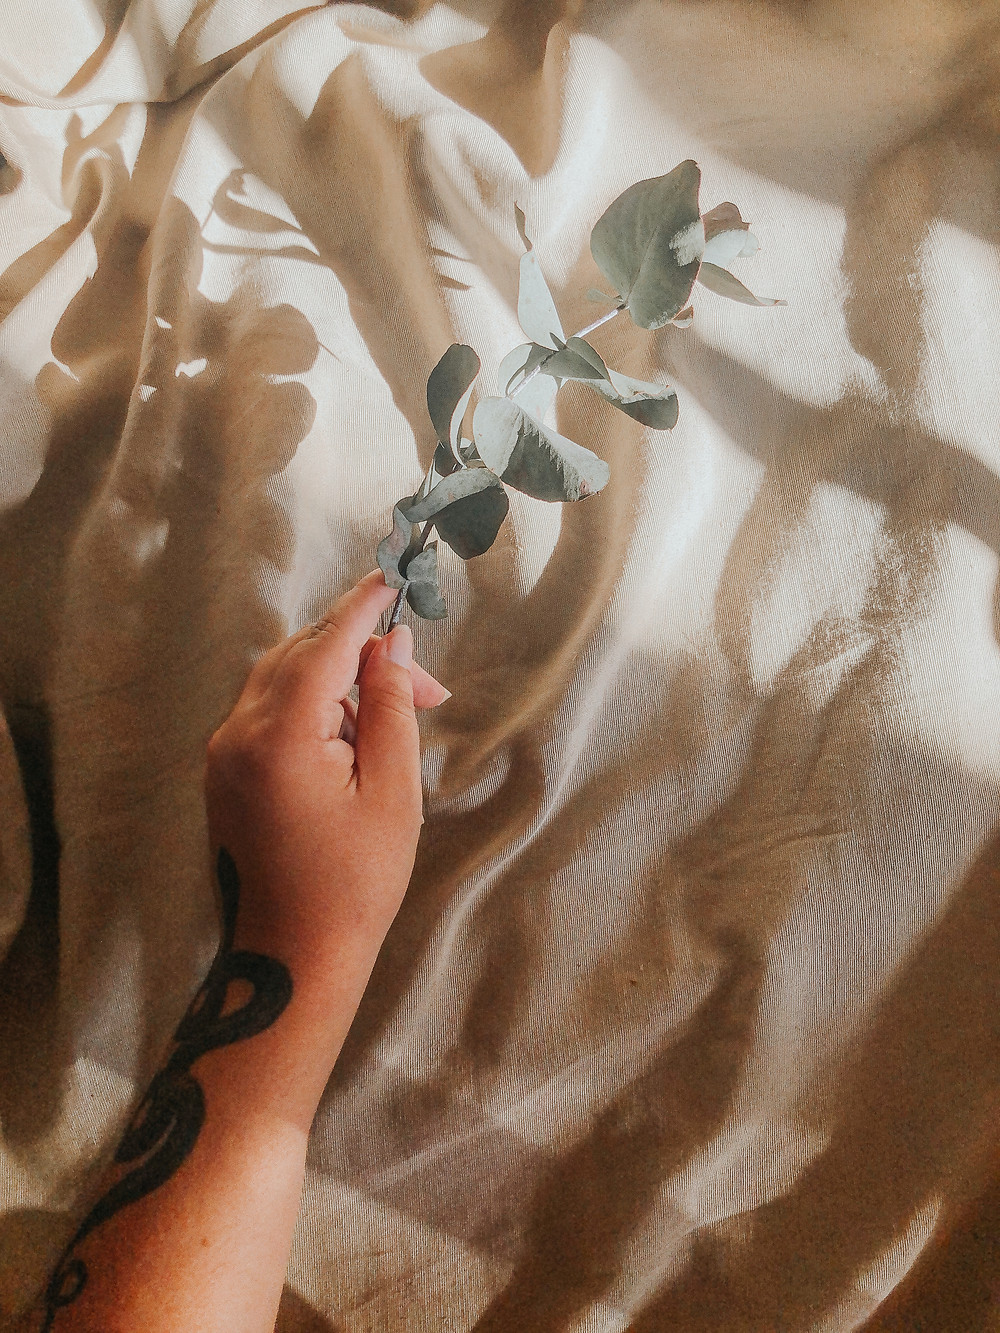 Mão com tatuagem de cobra segurando um ramo de eucalipto.